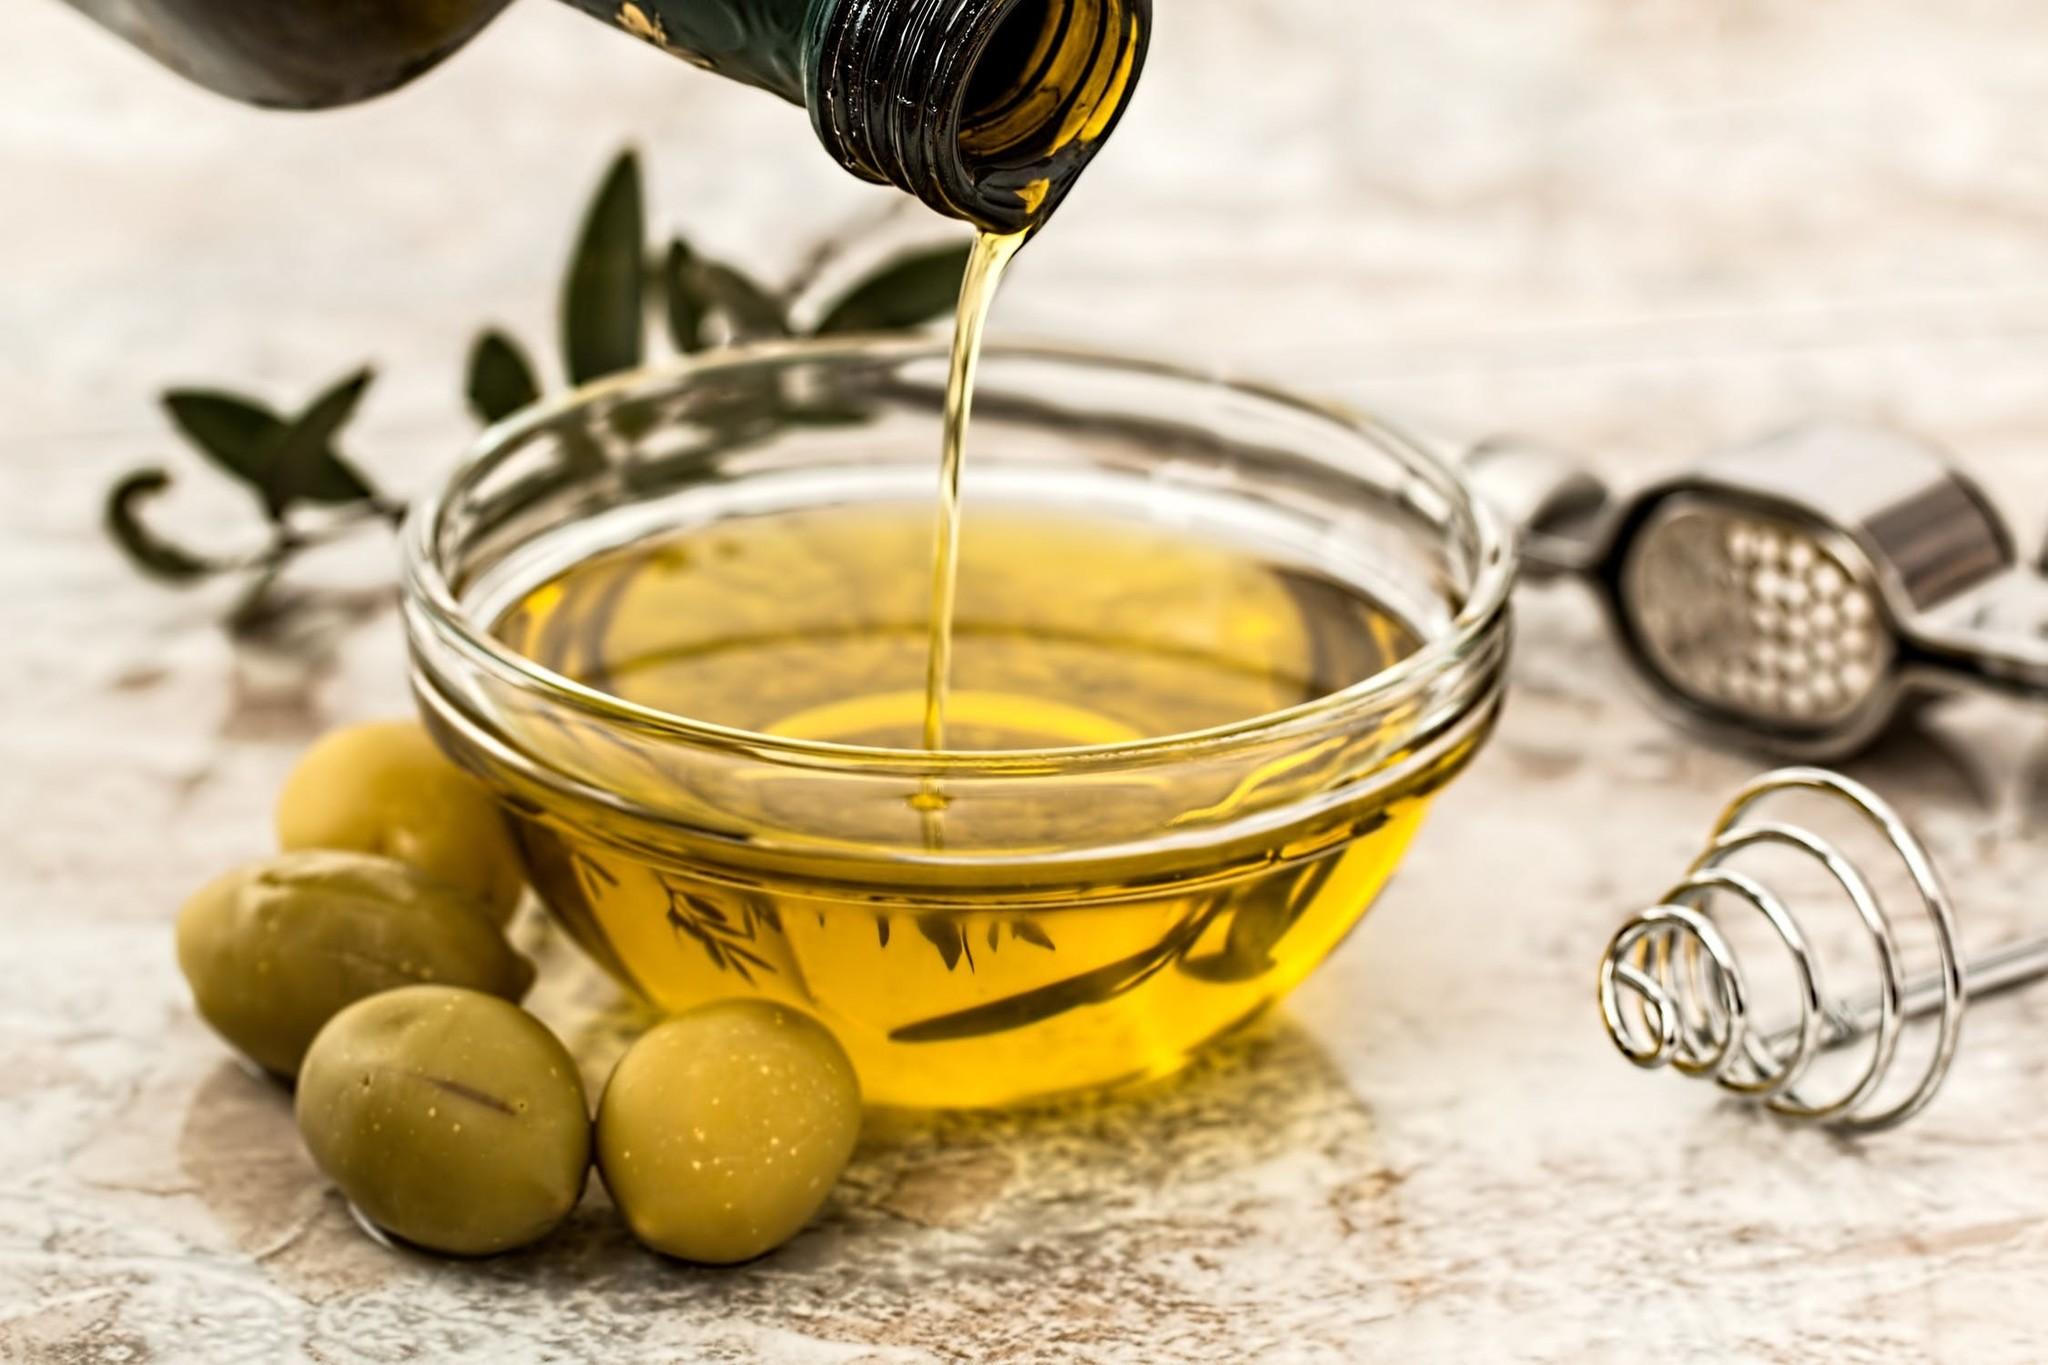 #Lifehack 5 verrassende dingen die je kunt schoonmaken met olijfolie